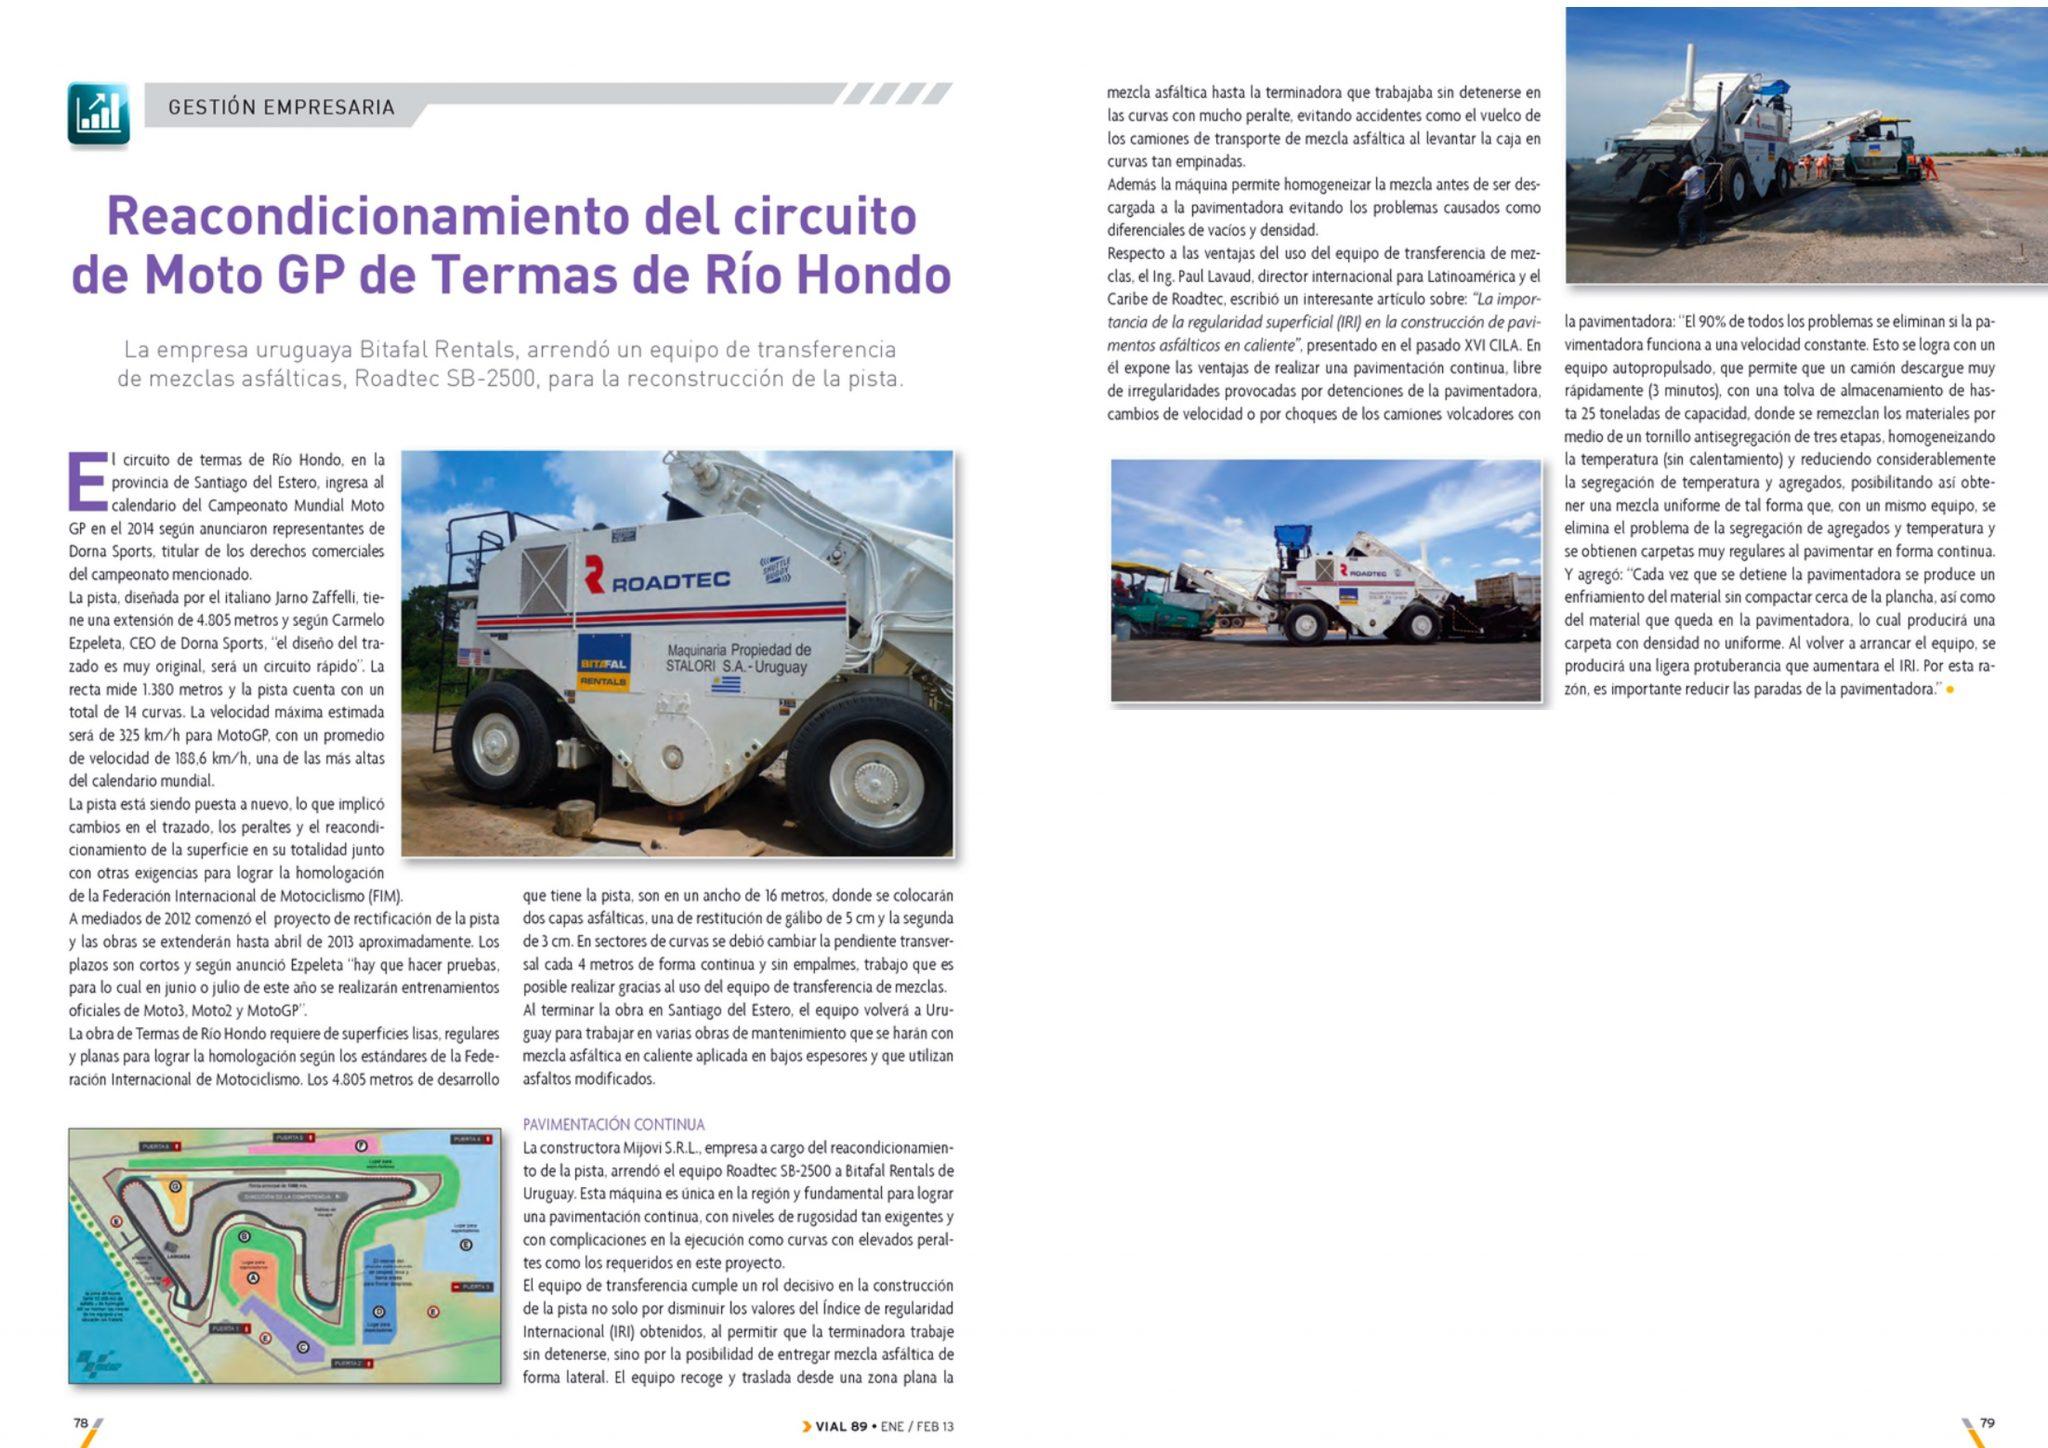 Reacondicionamiento del circuito de Moto GP de Termas de Río Hondo